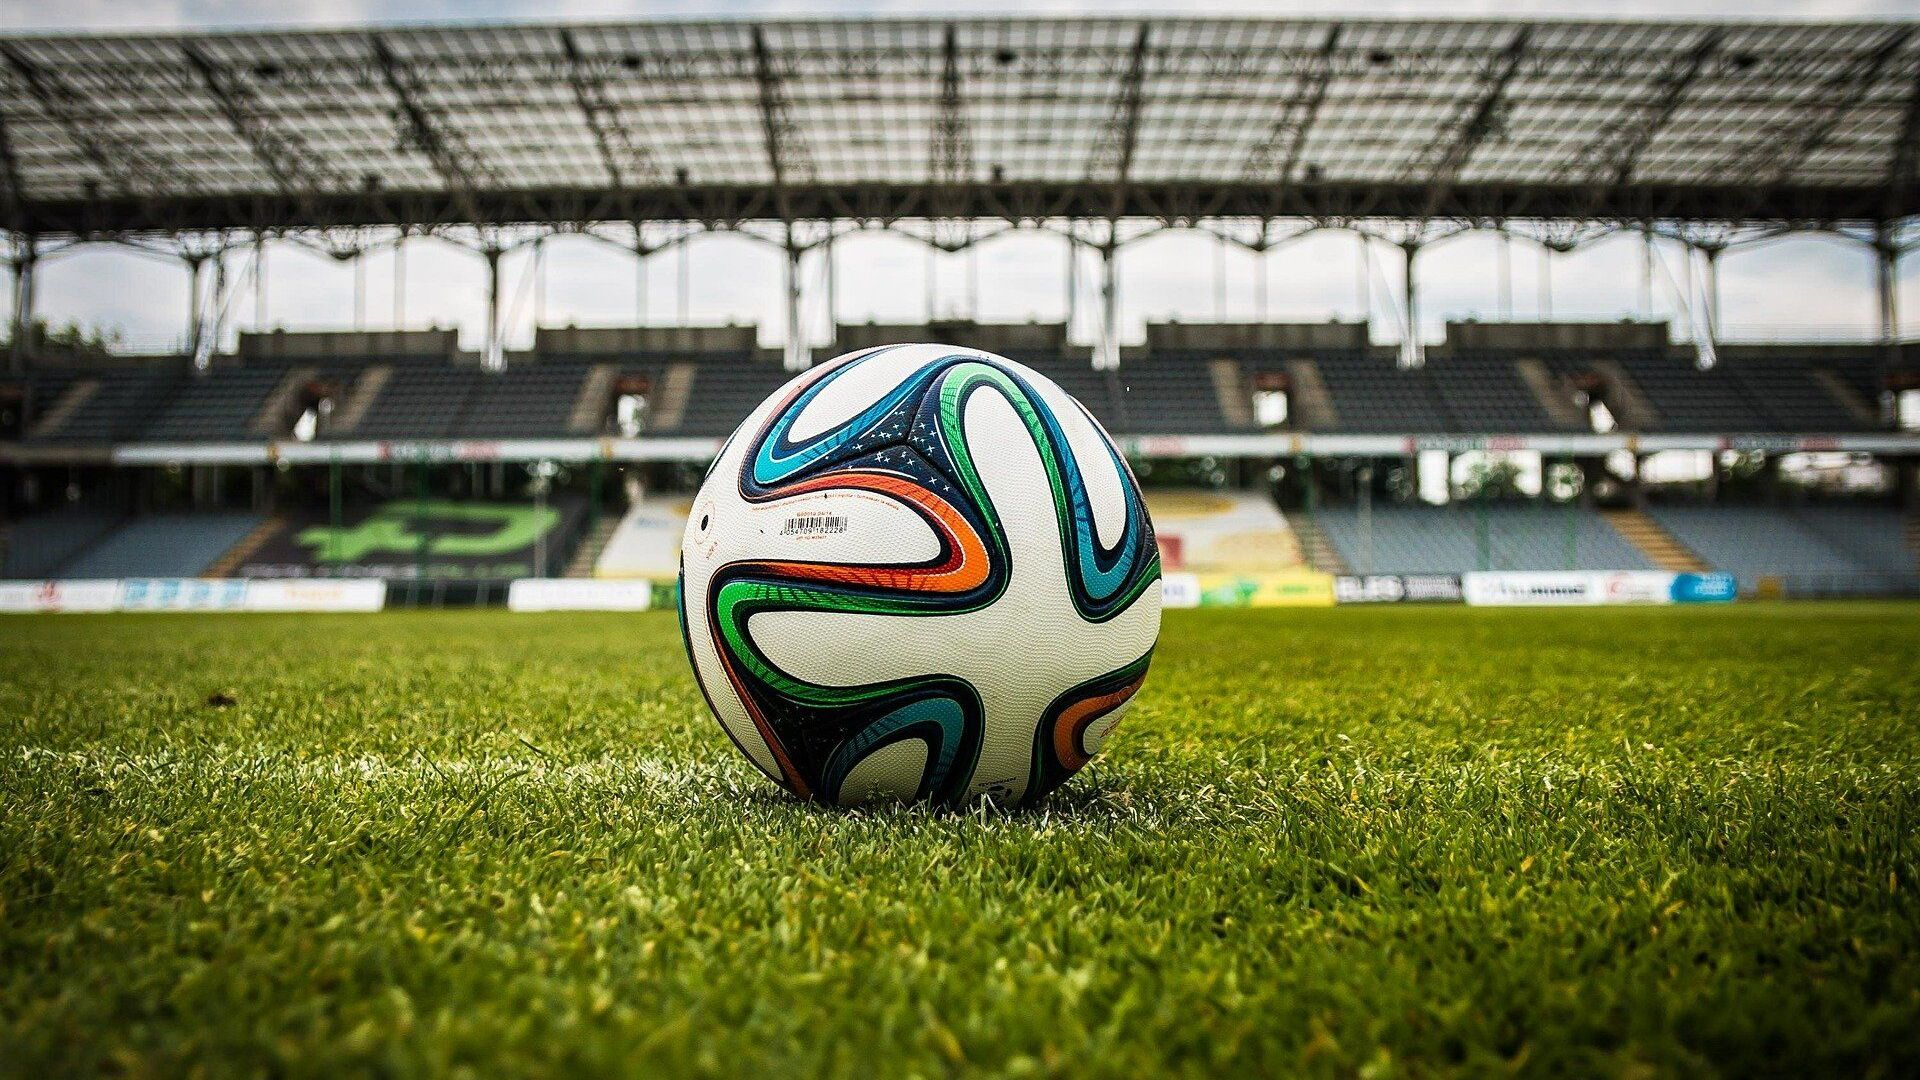 Balón de fútbol en un estadio (referencial) - Sputnik Mundo, 1920, 20.04.2021